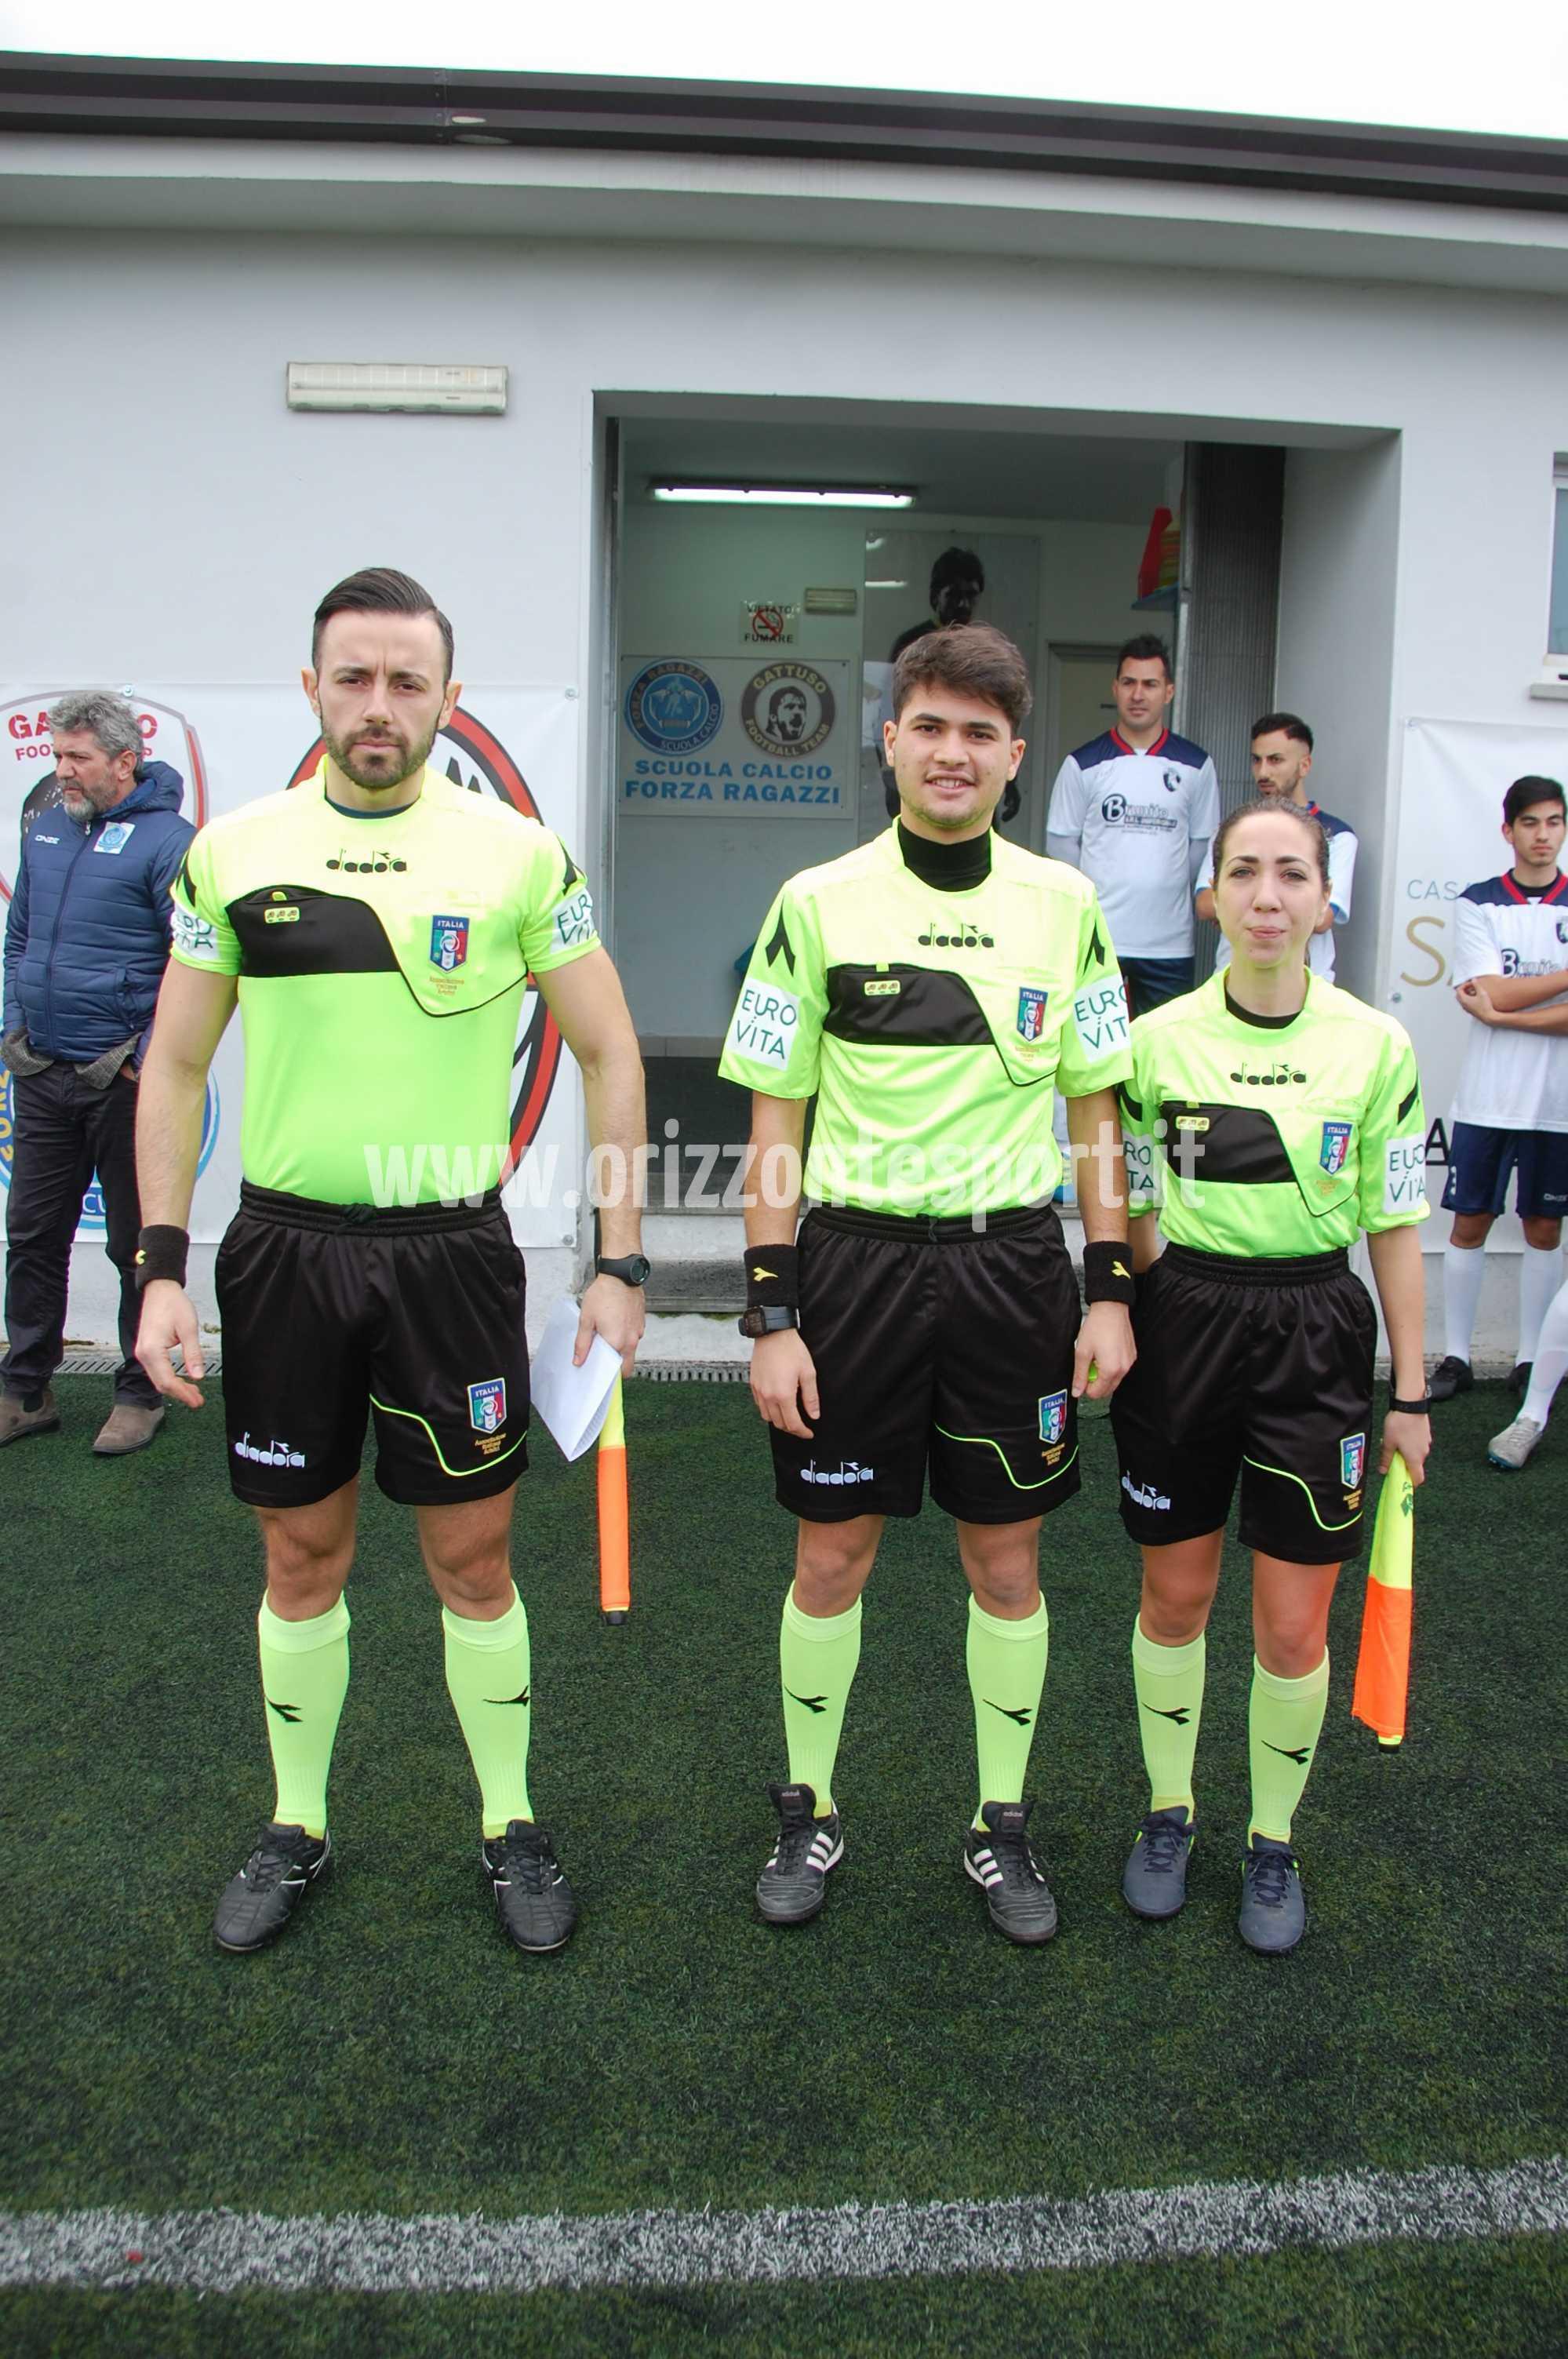 schiavonea_aprigliano (2)